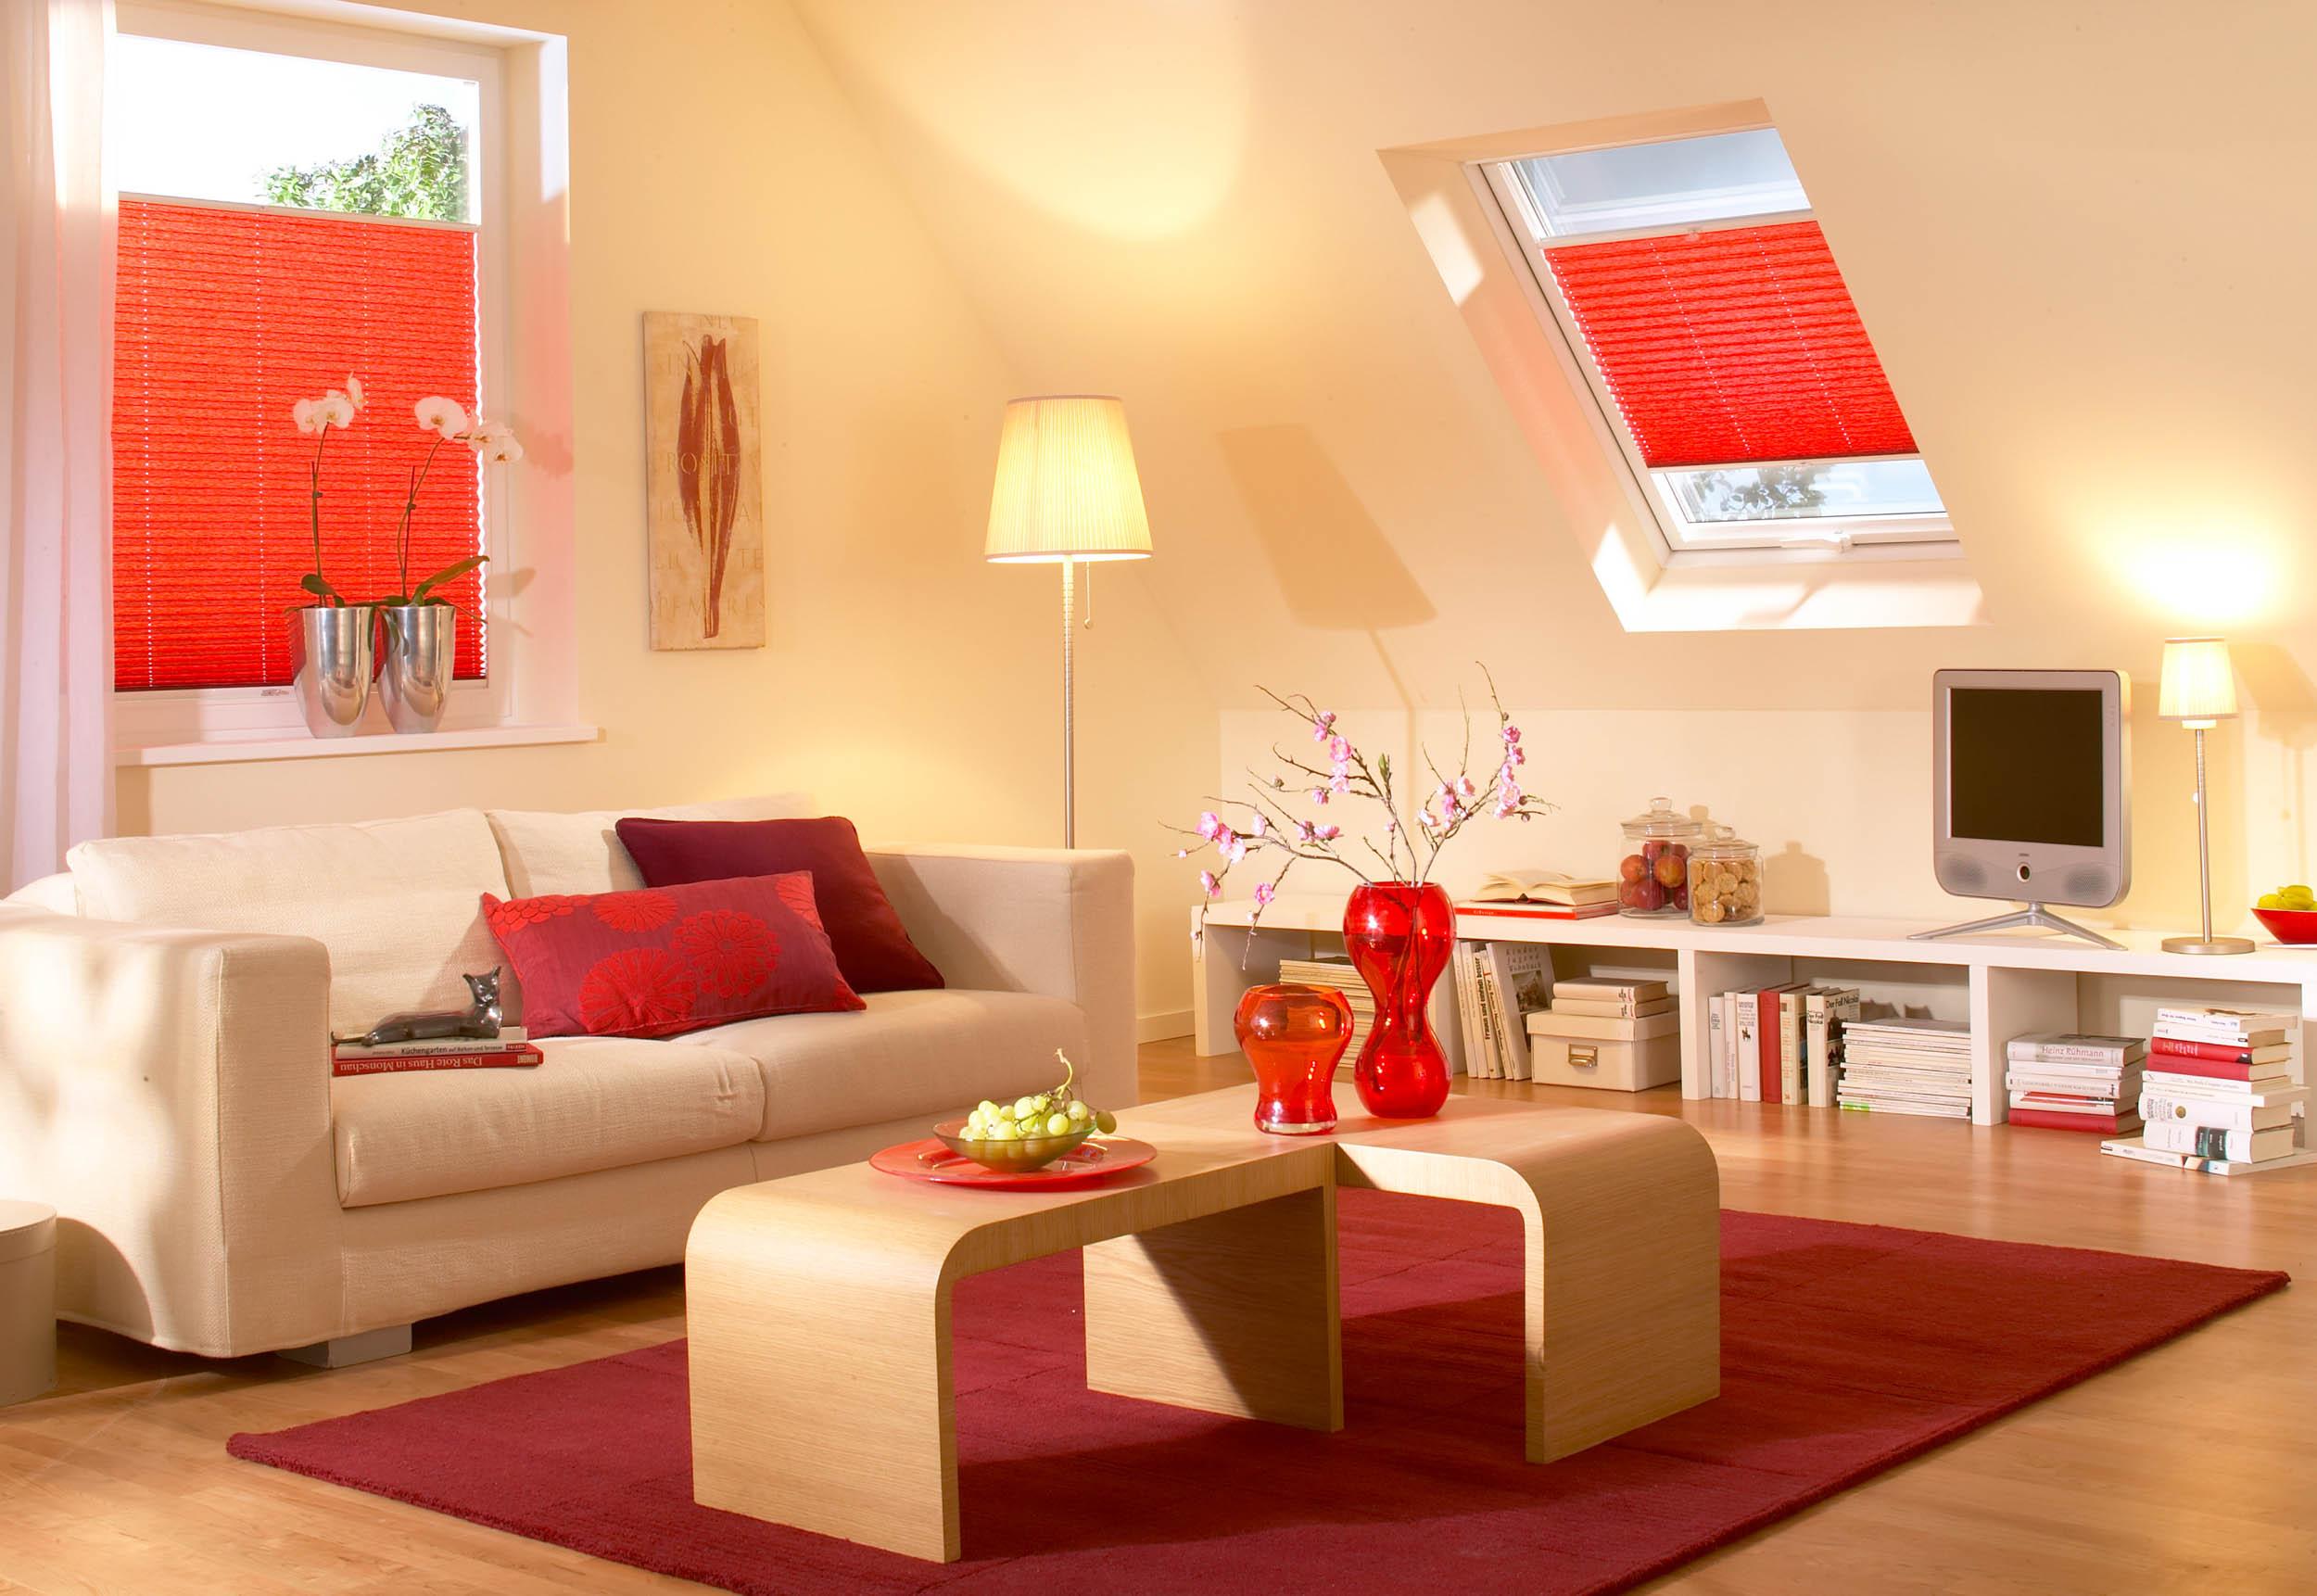 Dachfensterbeschattungen in frankfurt oder leipzig gesucht?   abc ...